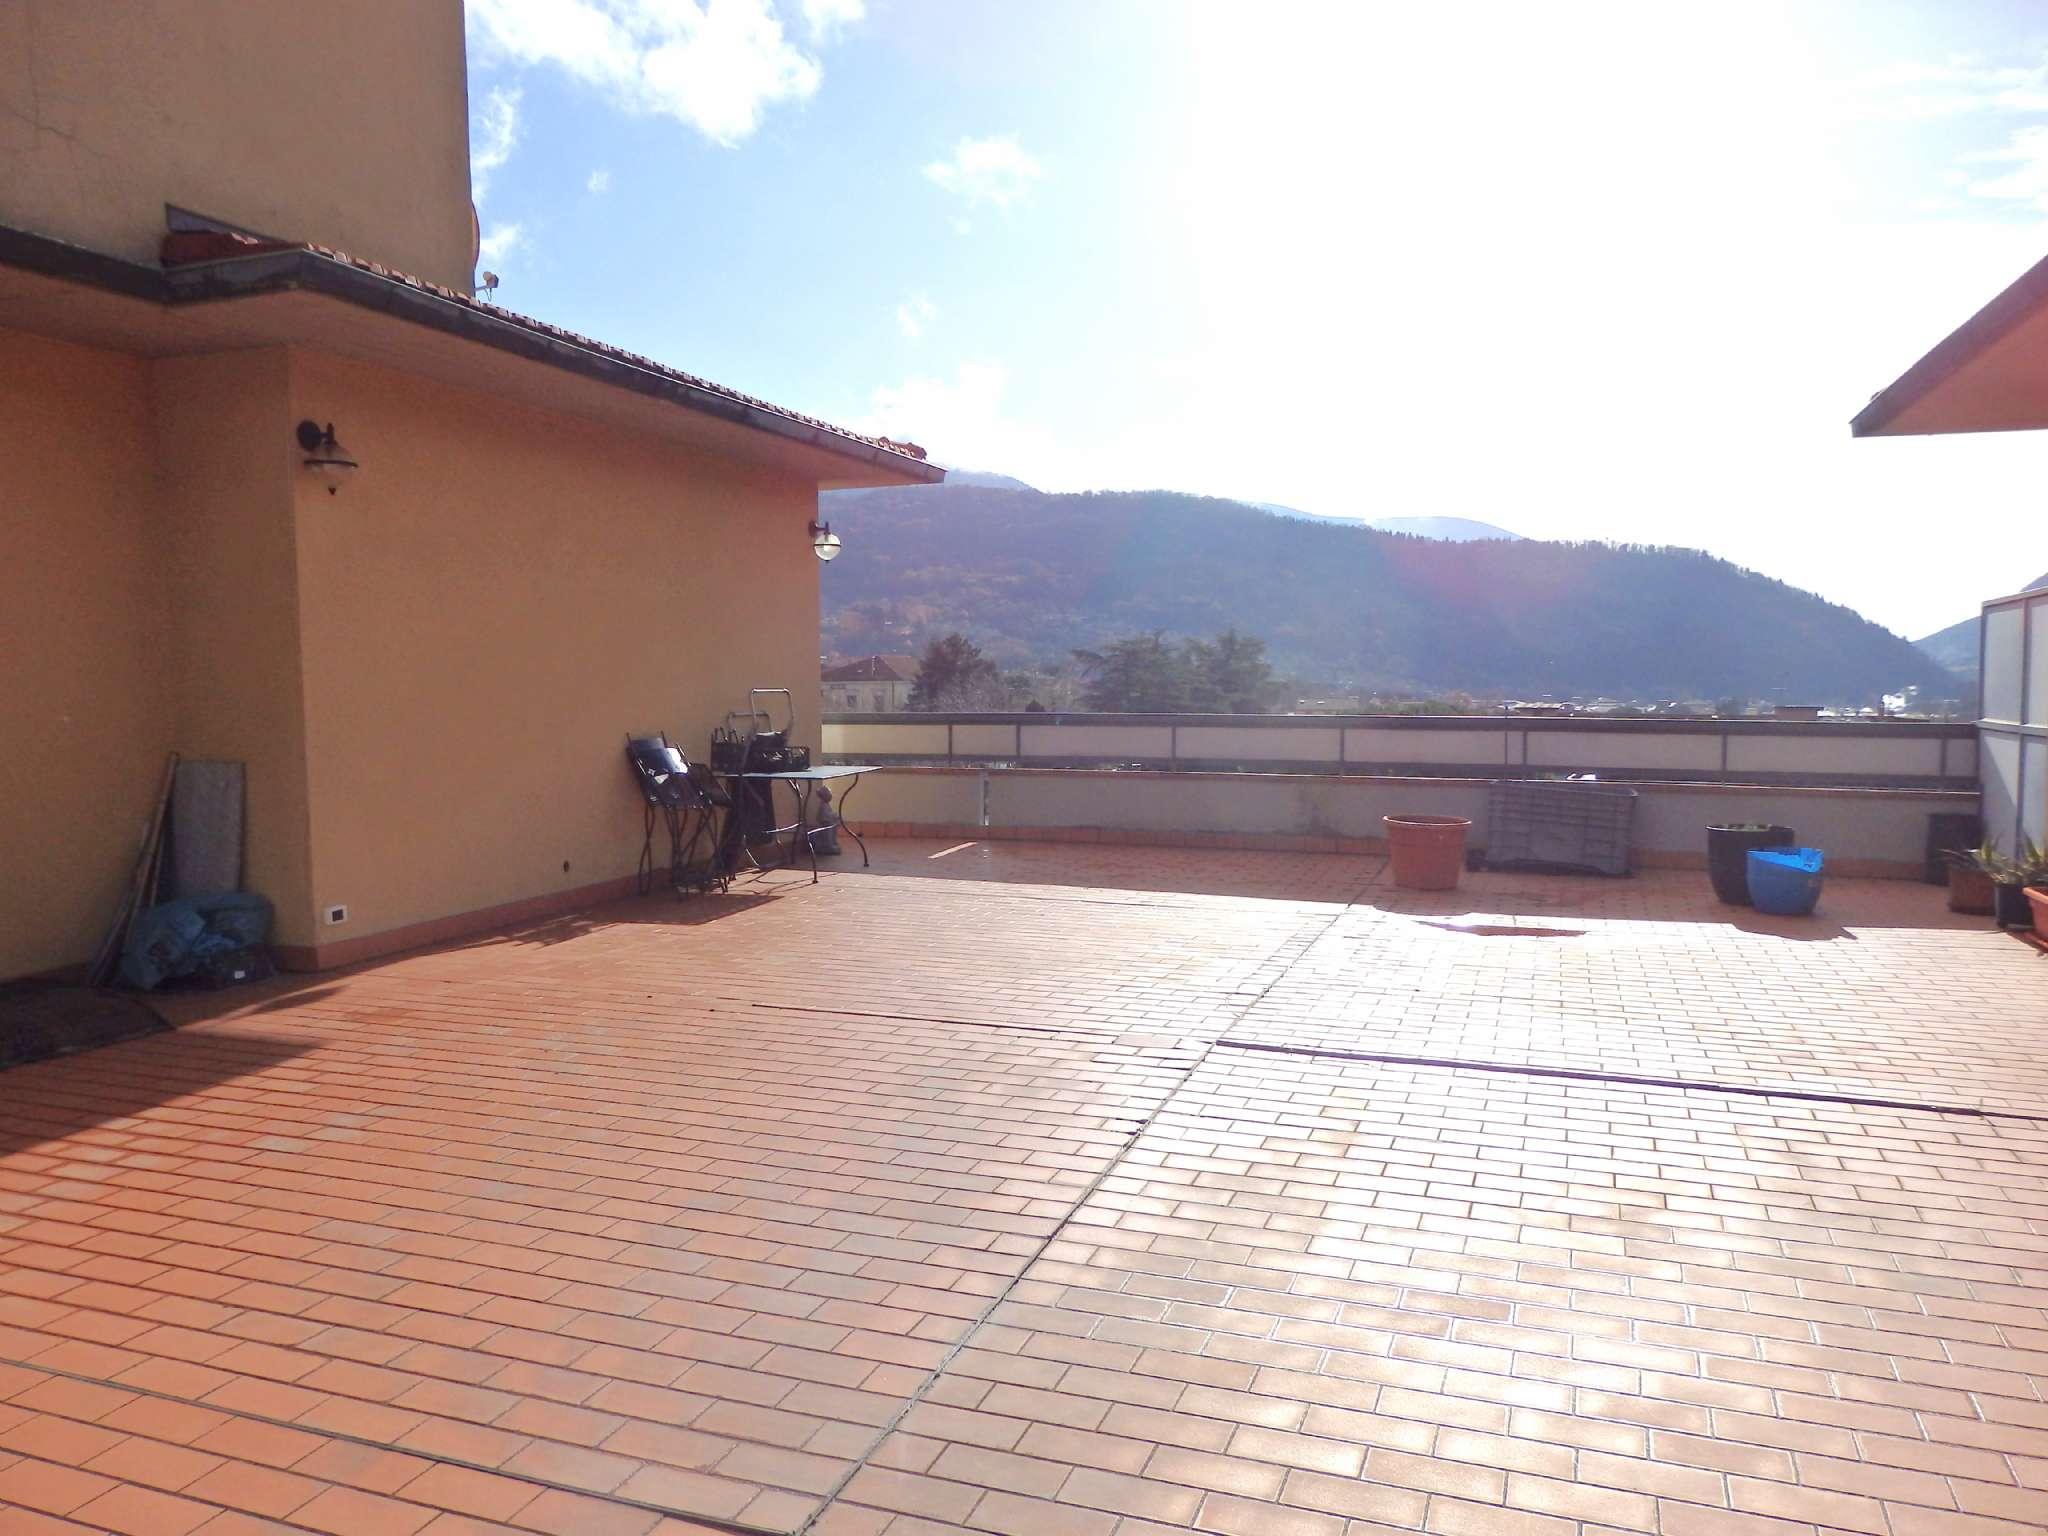 Attico / Mansarda in vendita a Vaiano, 6 locali, prezzo € 420.000 | CambioCasa.it